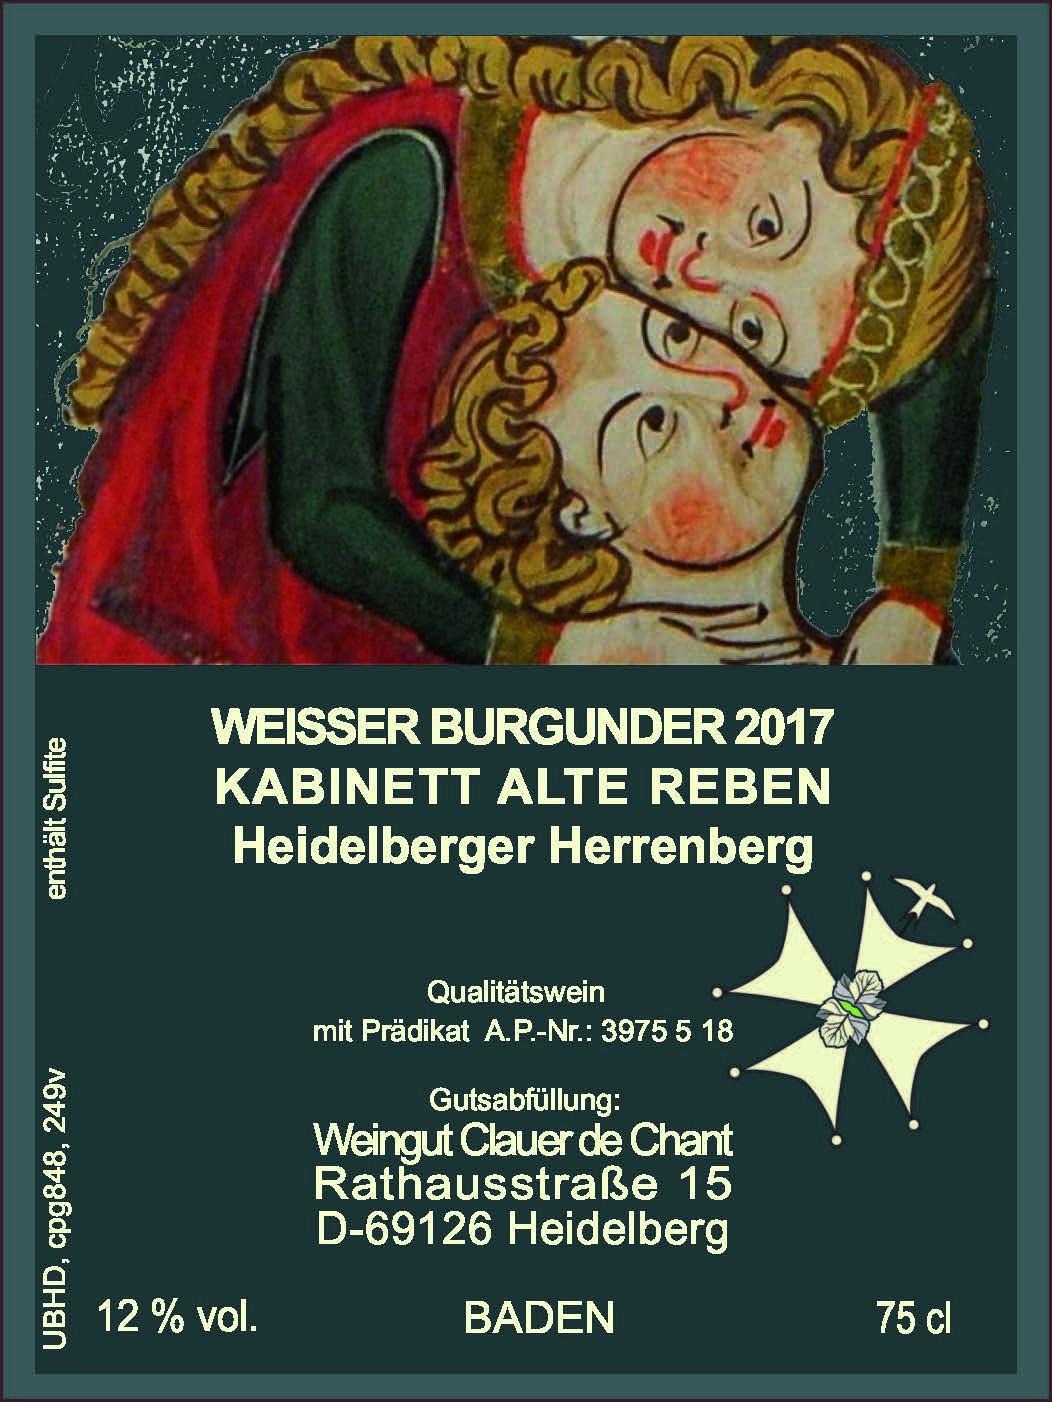 Weisser Burgunder; ausgeprägtes Terroir; Internationale Auszeichnung durch Vinum Schweiz; Goldmedaille Deutschland